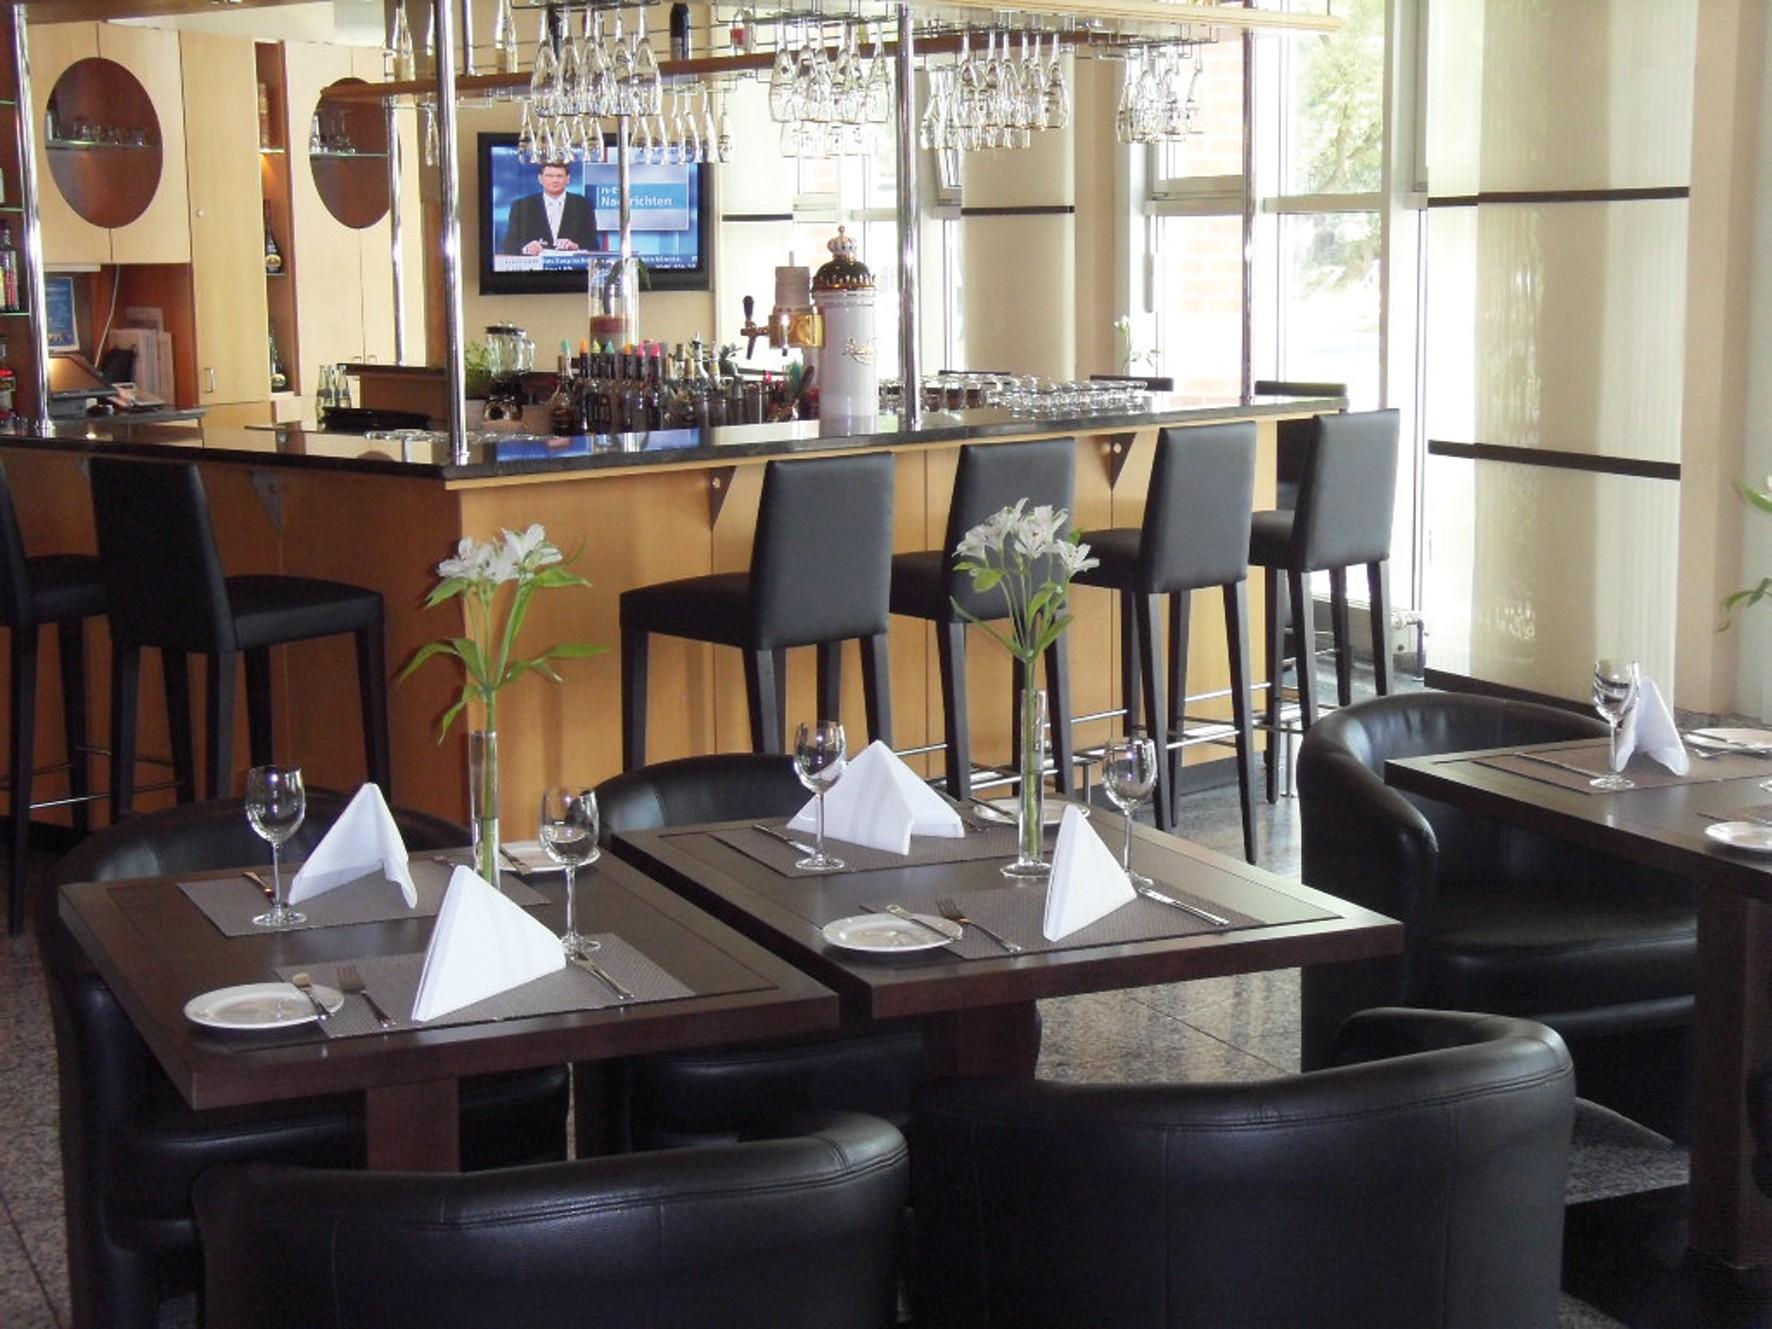 Minibar Kühlschrank Hotel : Erleben sie die kulturmetropole dresden 8 tage achat nh hotel